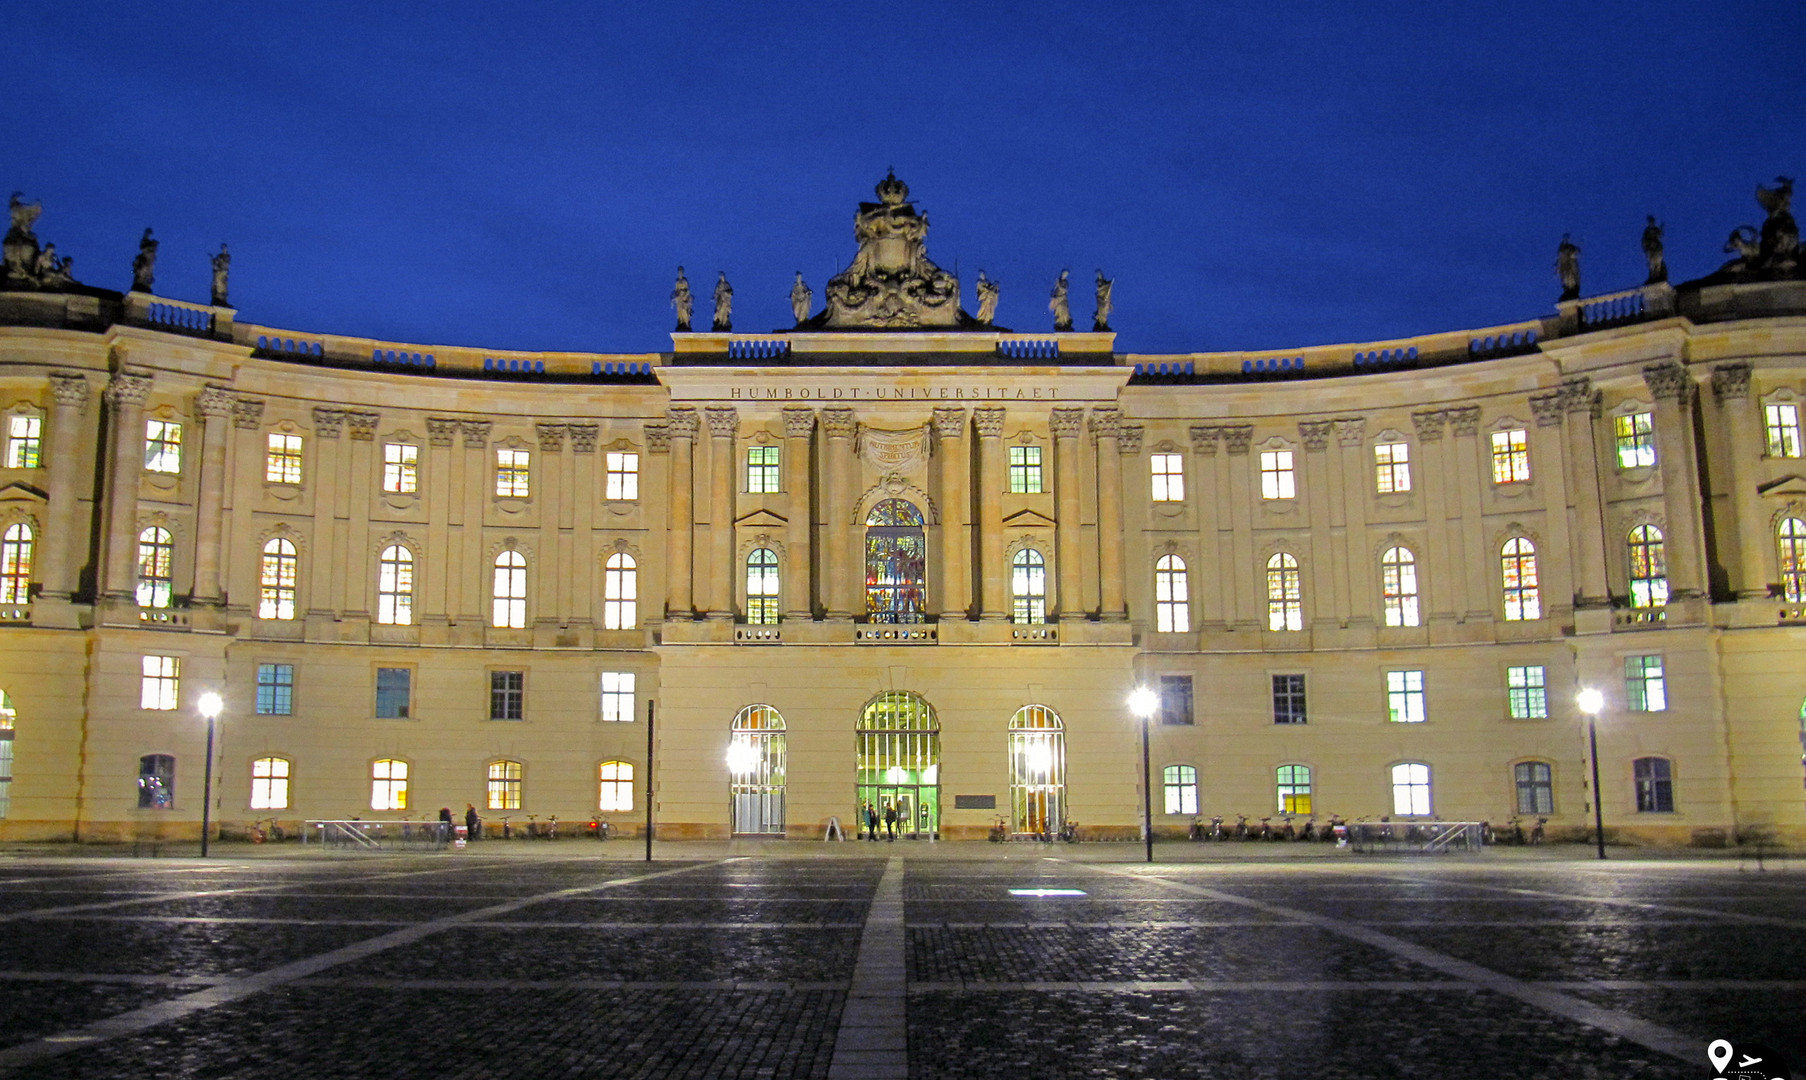 Университет Гумбольдтов, Берлин